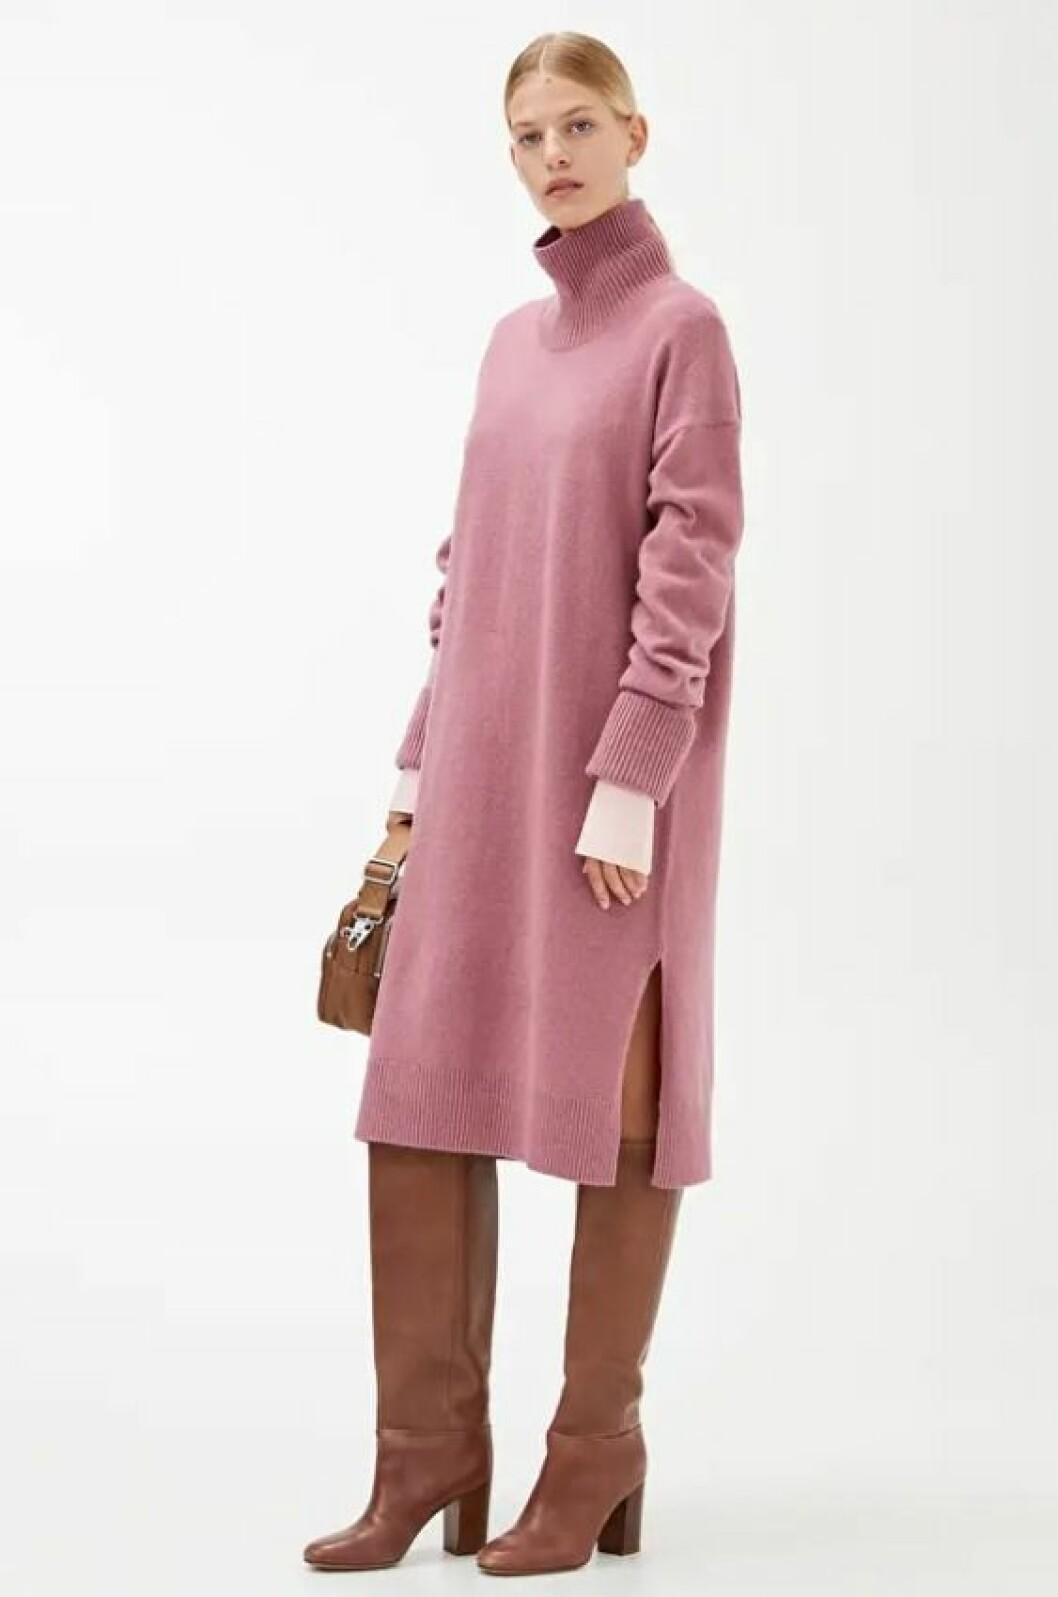 Rosa stickad klänning med polotröja för dam till hösten 2019